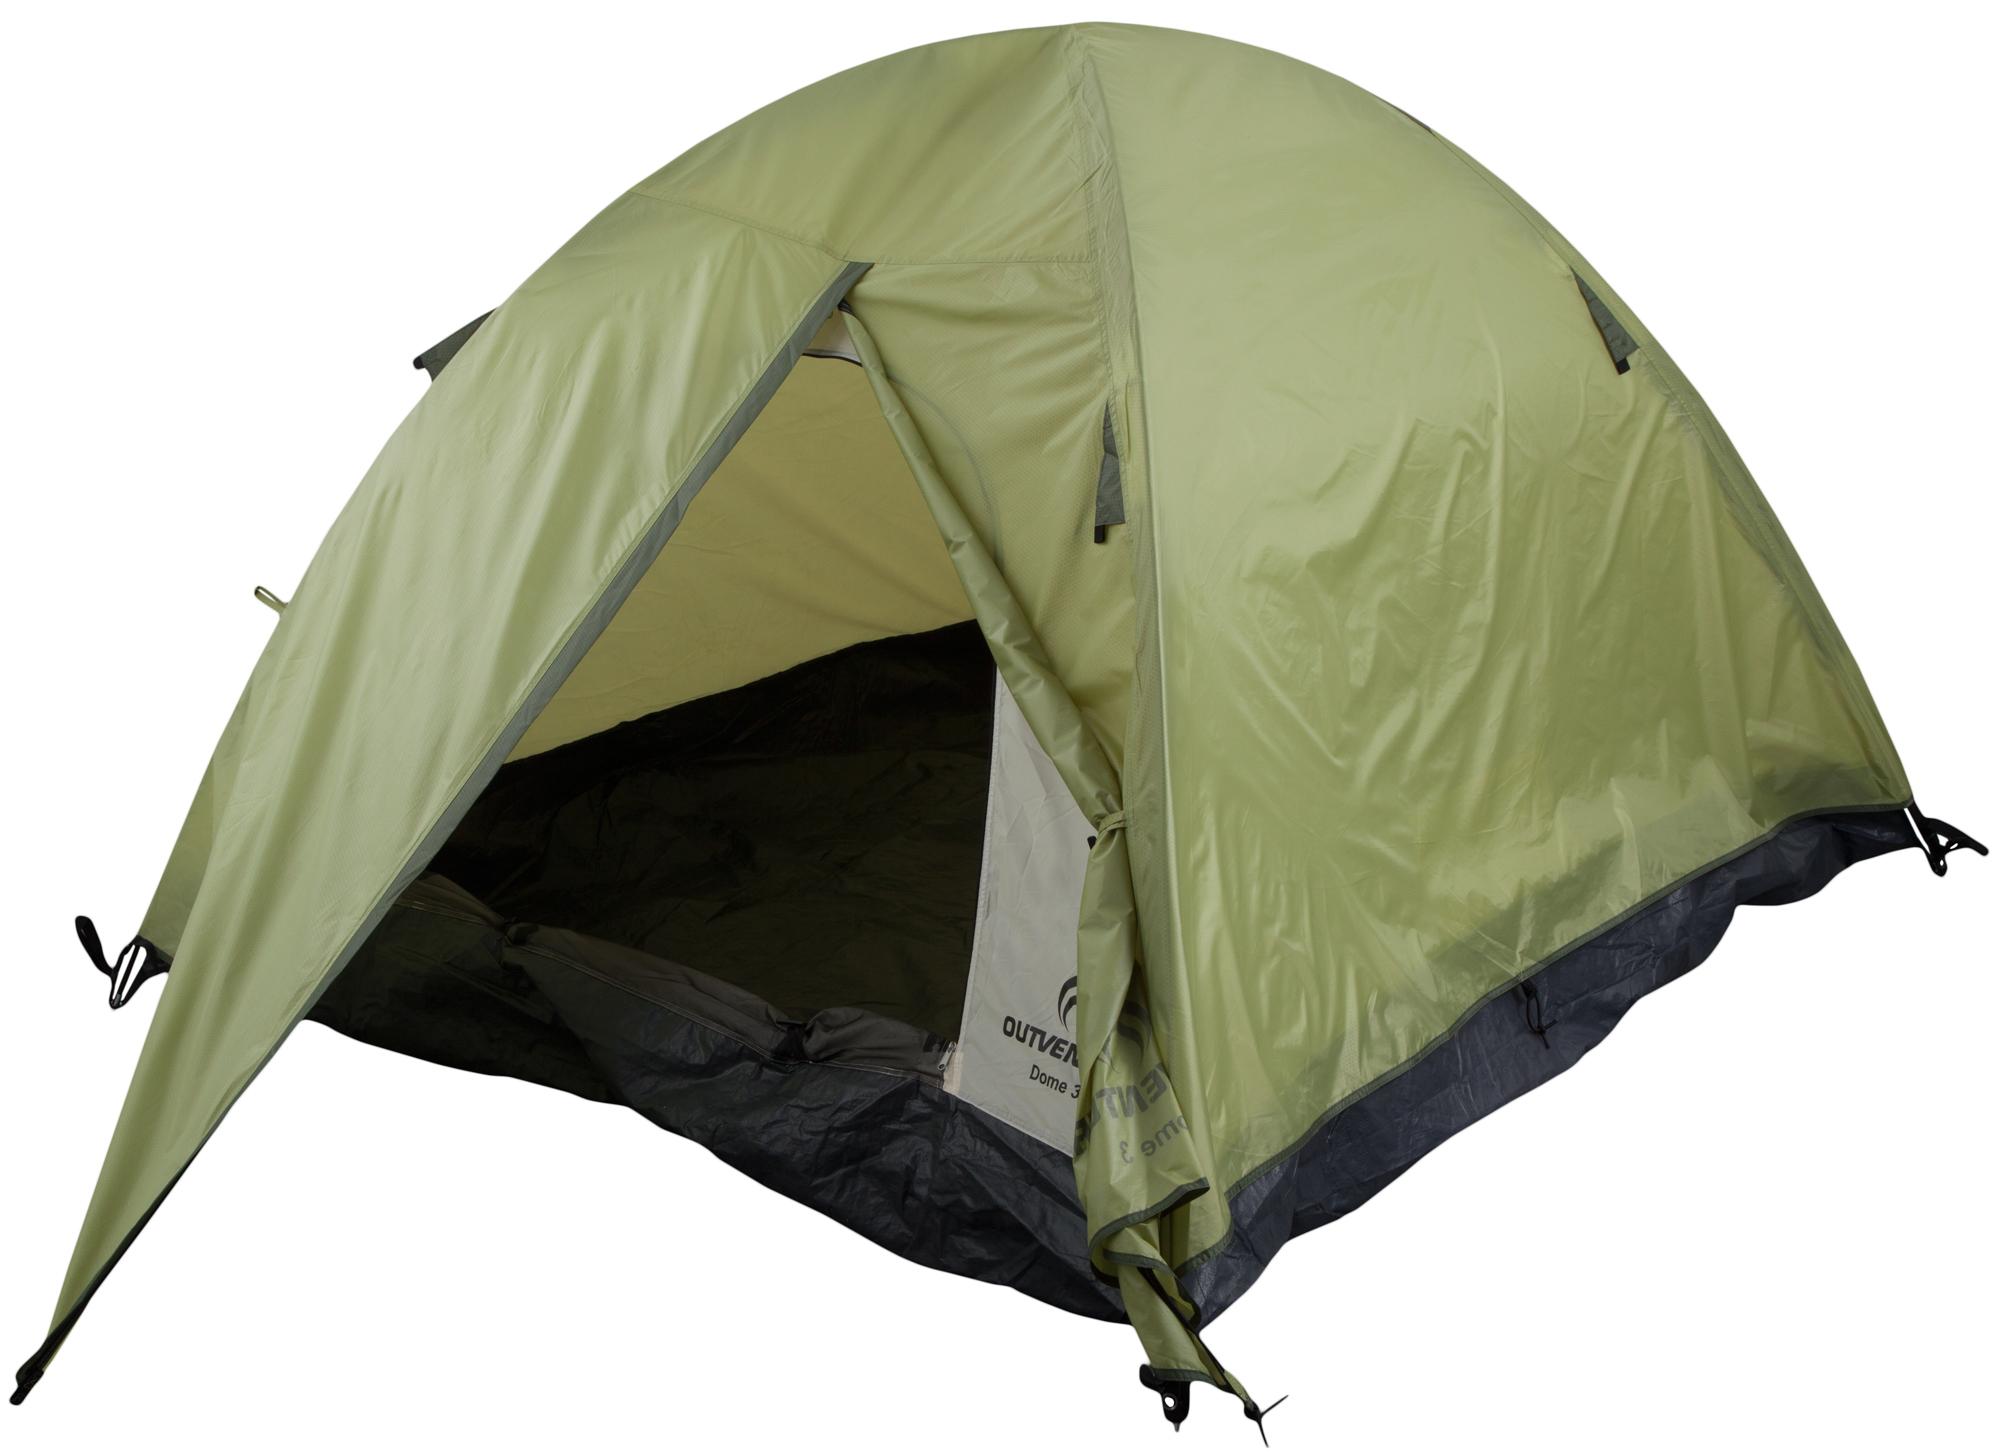 Outventure Outventure Dome 3 outventure спальный мешок правый для походов outventure trek t 3